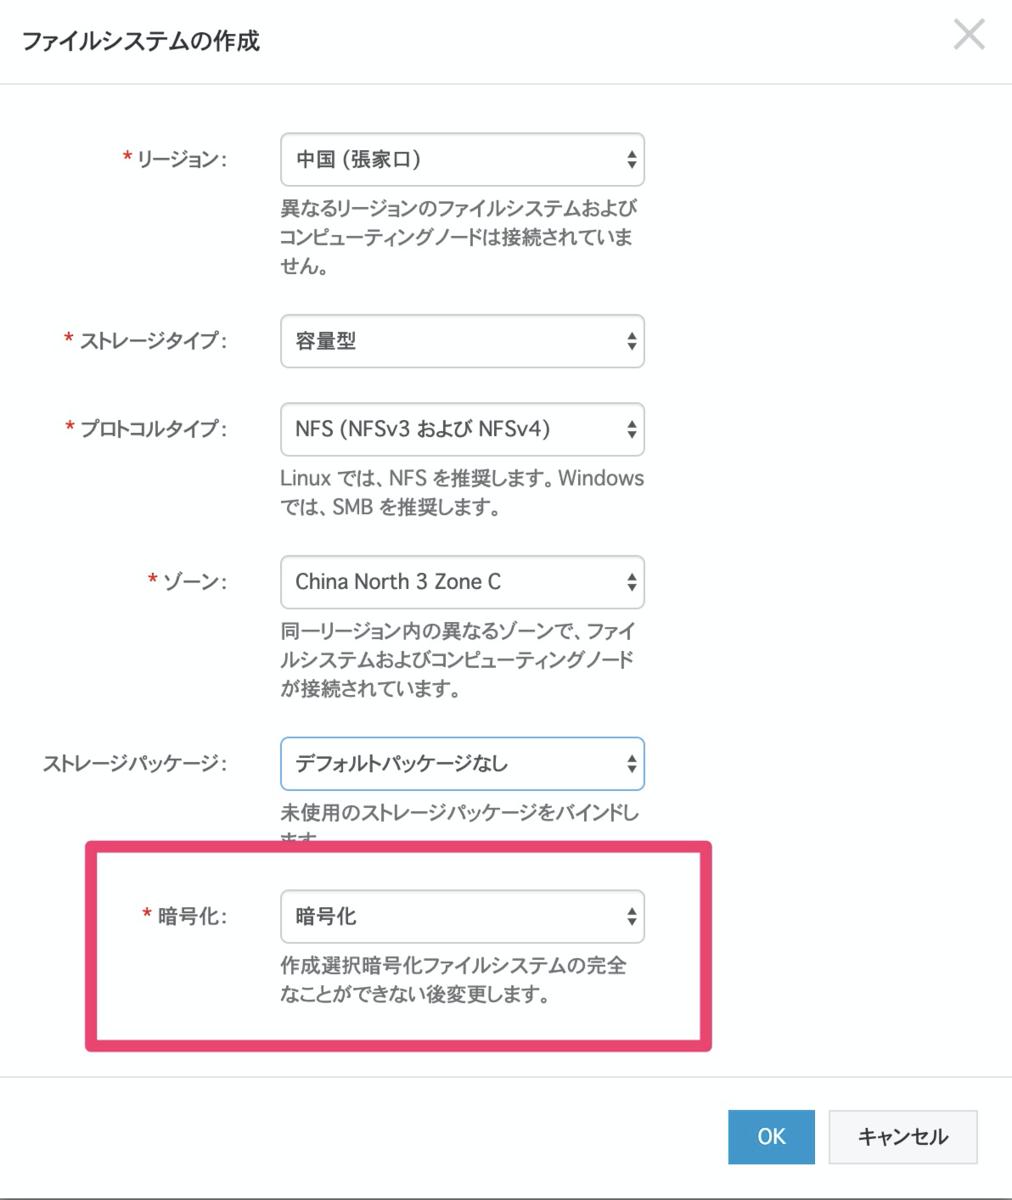 f:id:sbc_yoshimura:20200110142528p:plain:w600